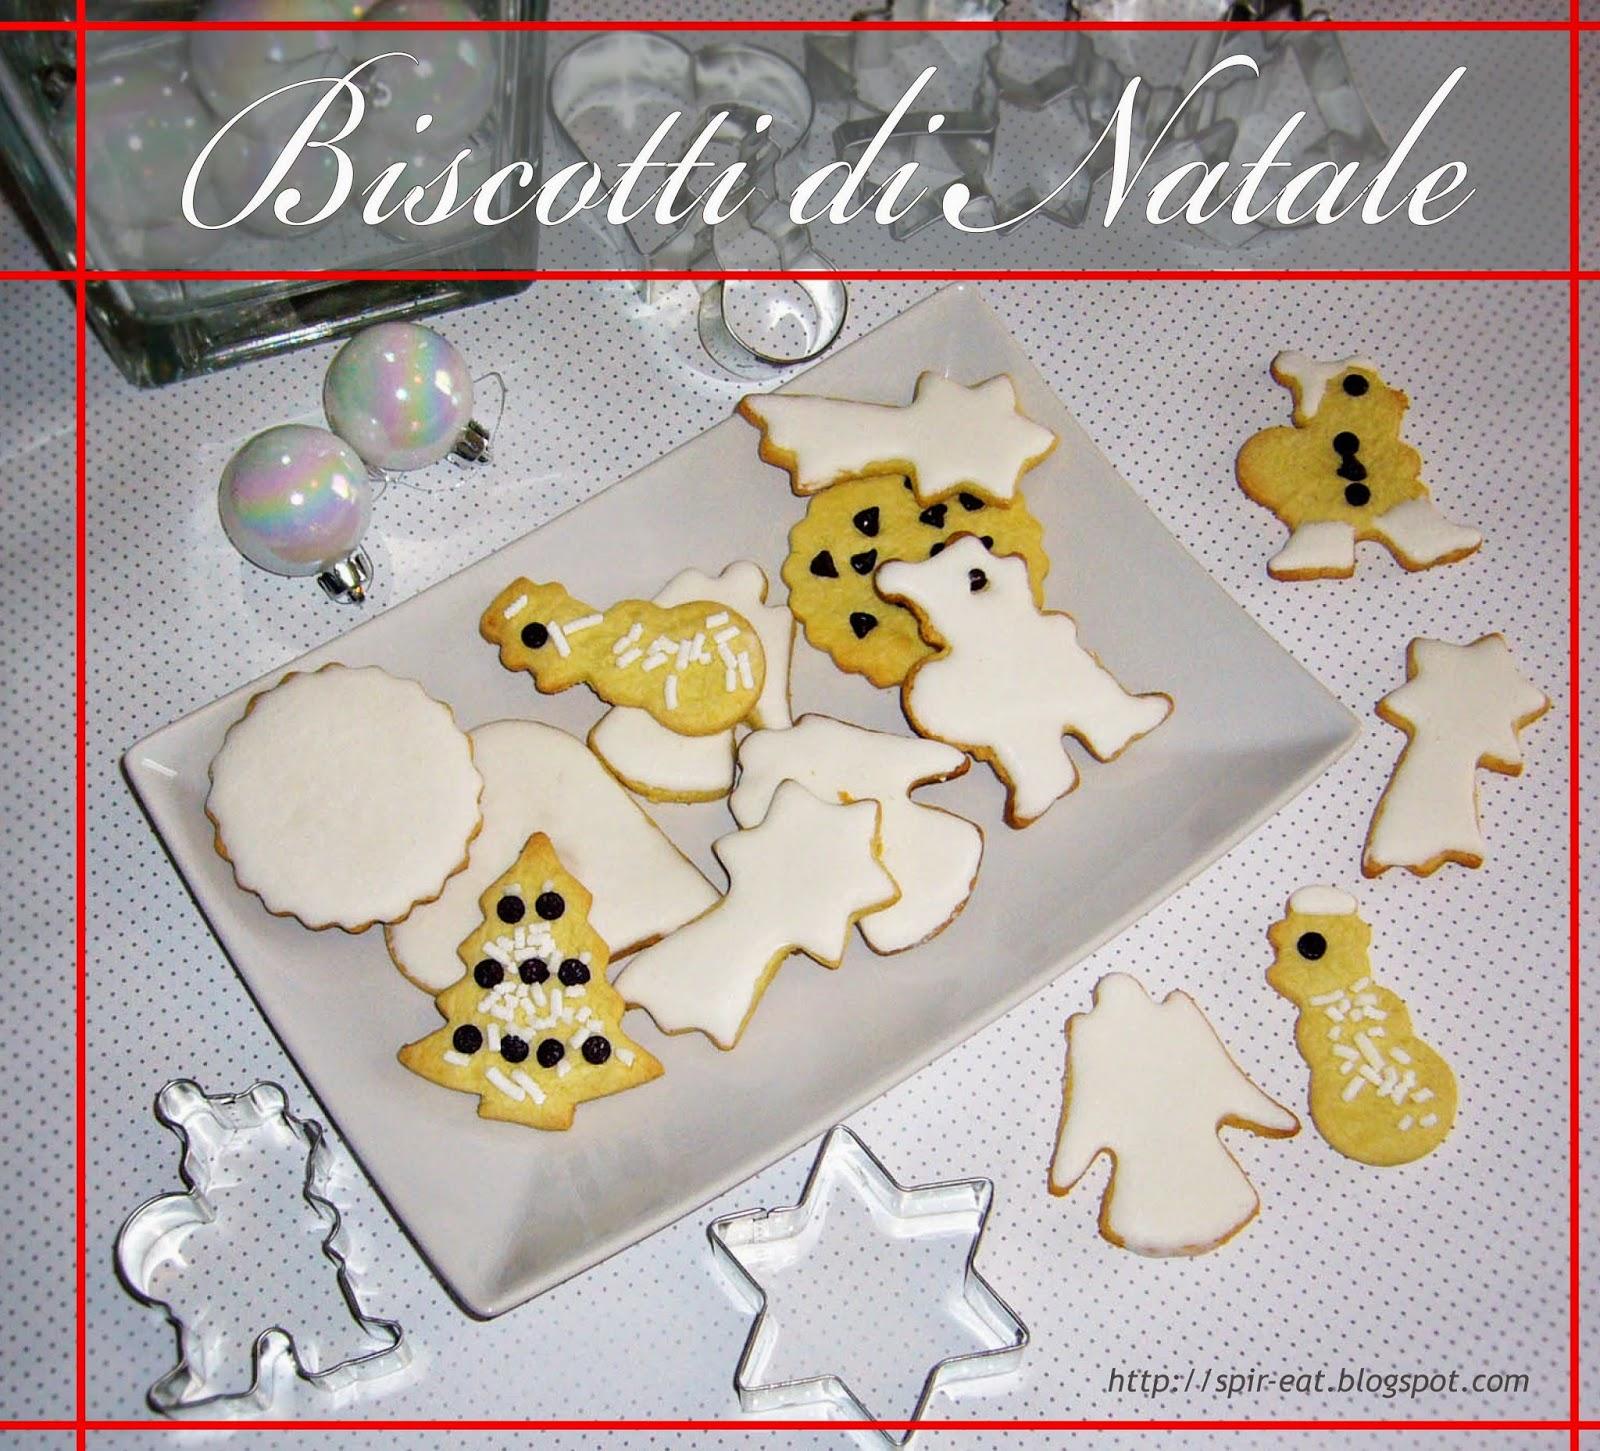 Biscotti Di Natale 1 Uovo.Spireat Biscotti Natalizi Con Olio Evo